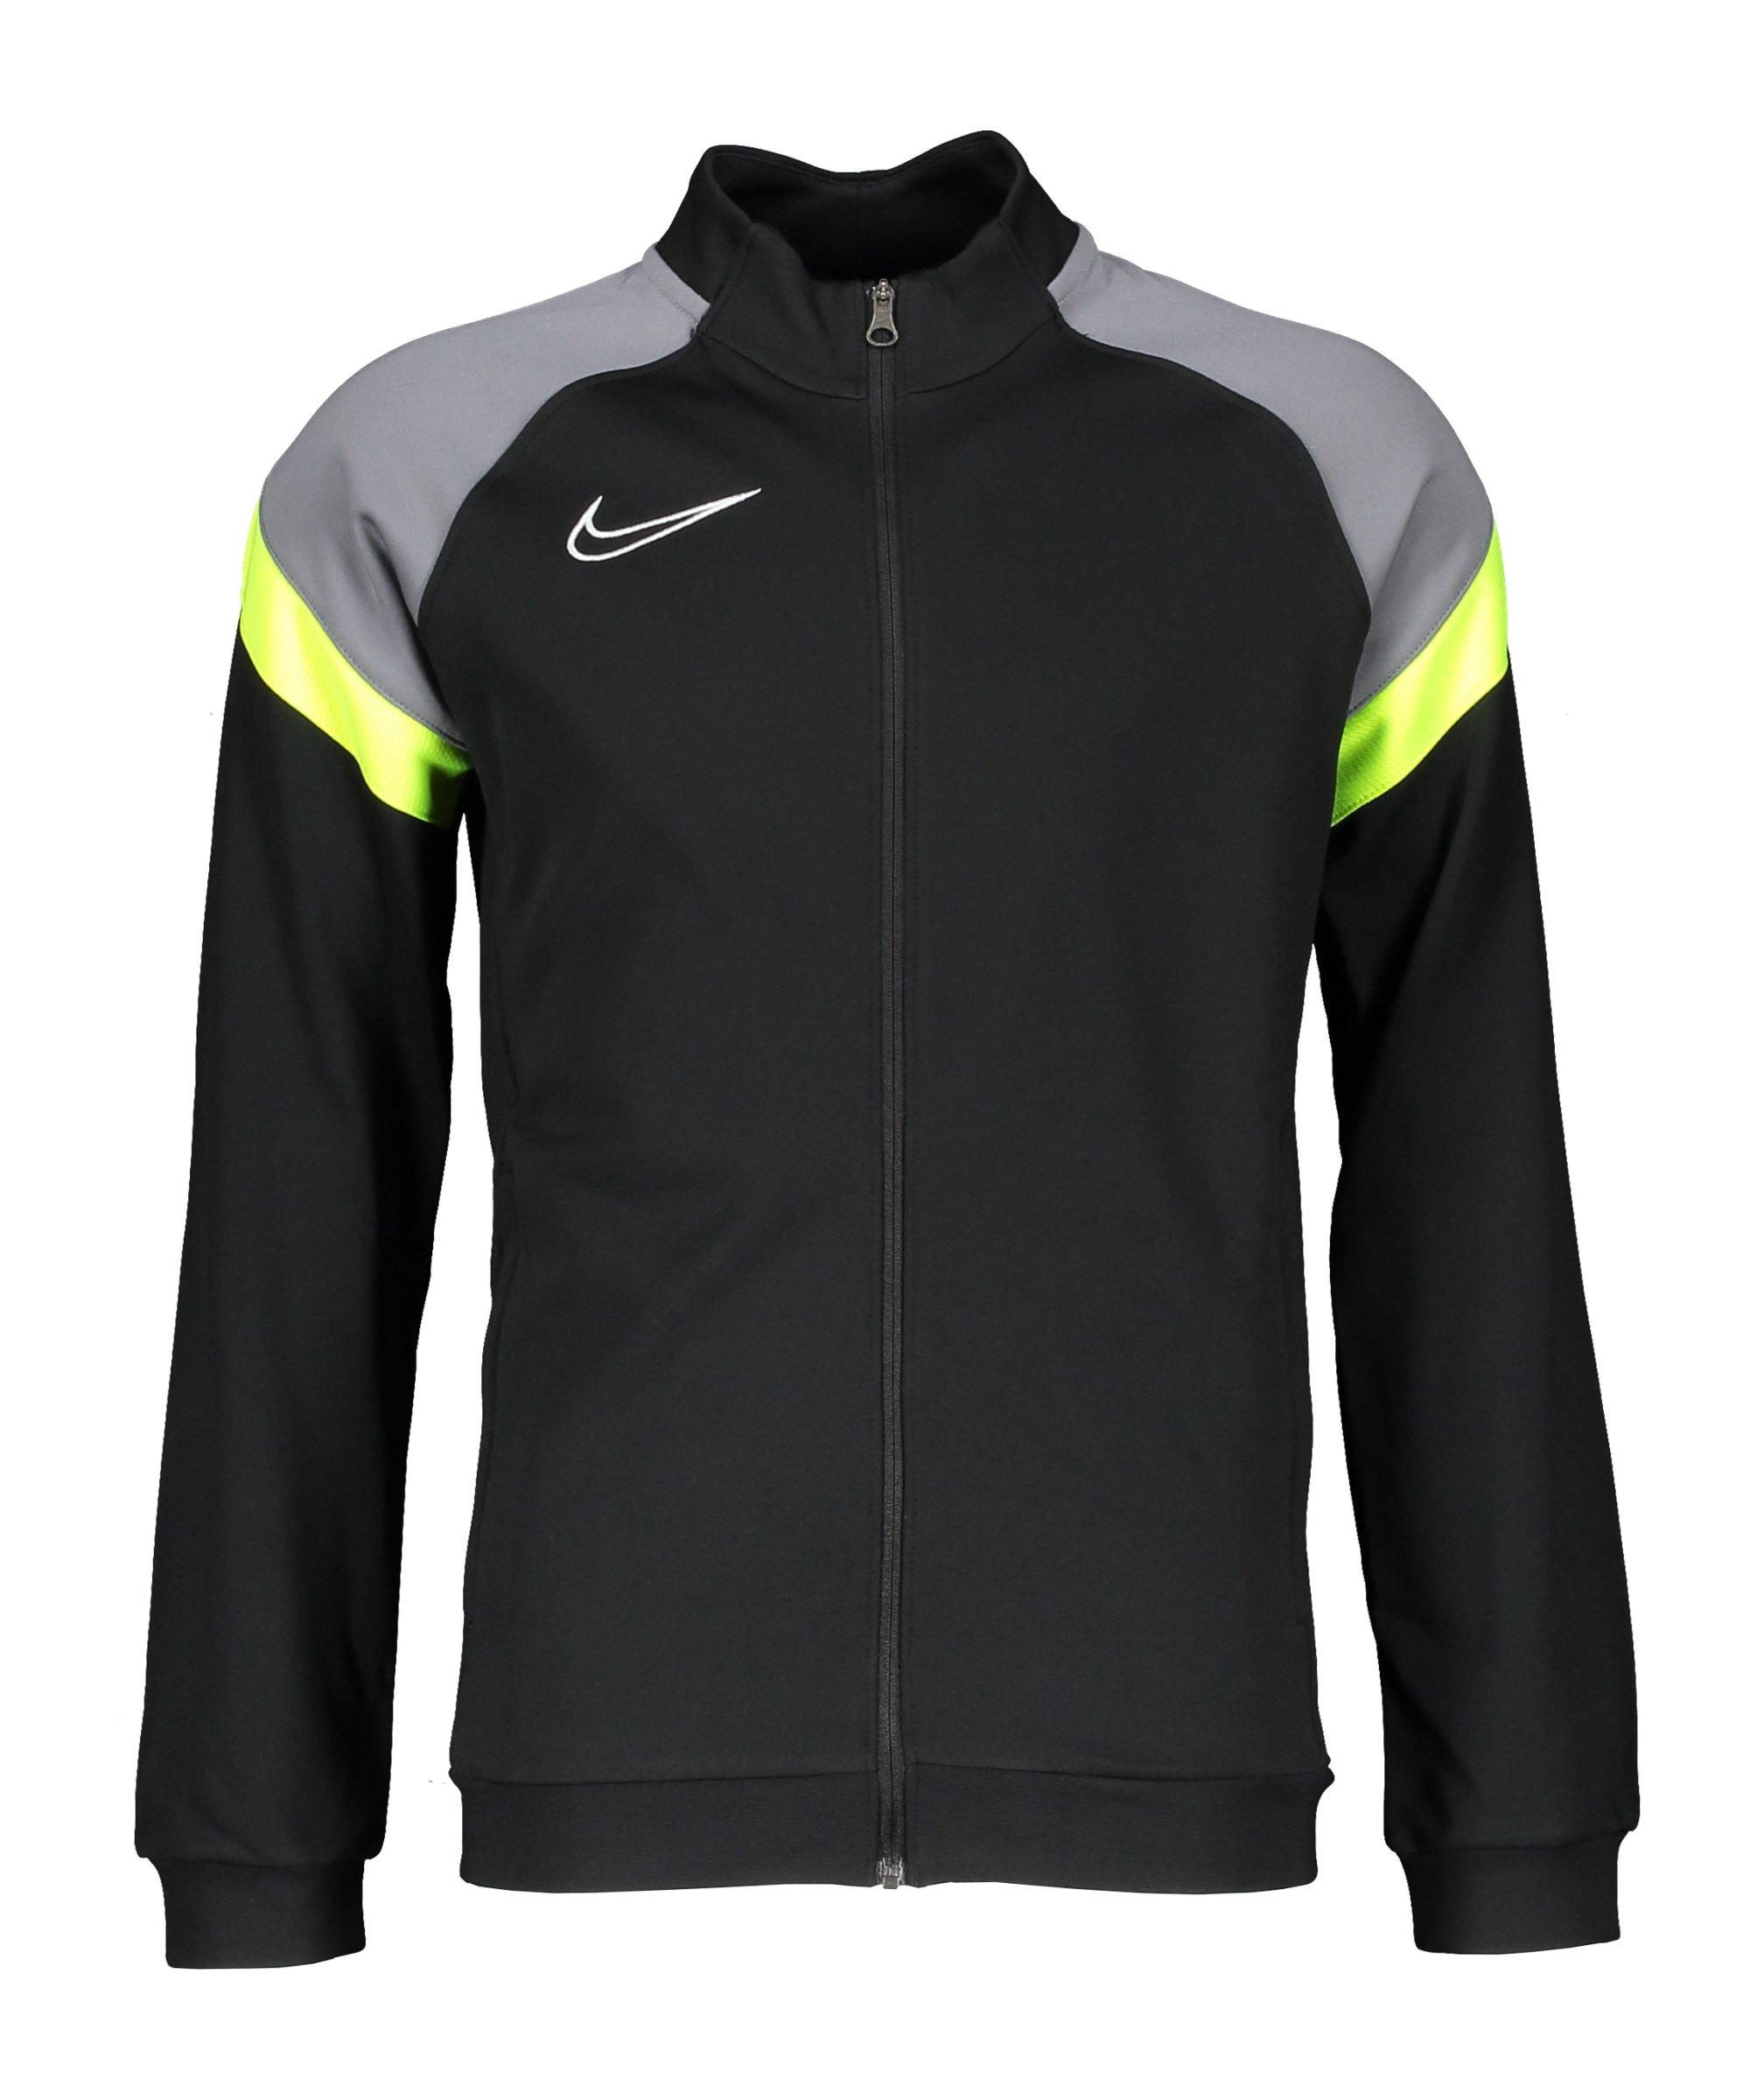 Nike Dry Academy Trainingsjacke Kids Schwarz F011 - schwarz